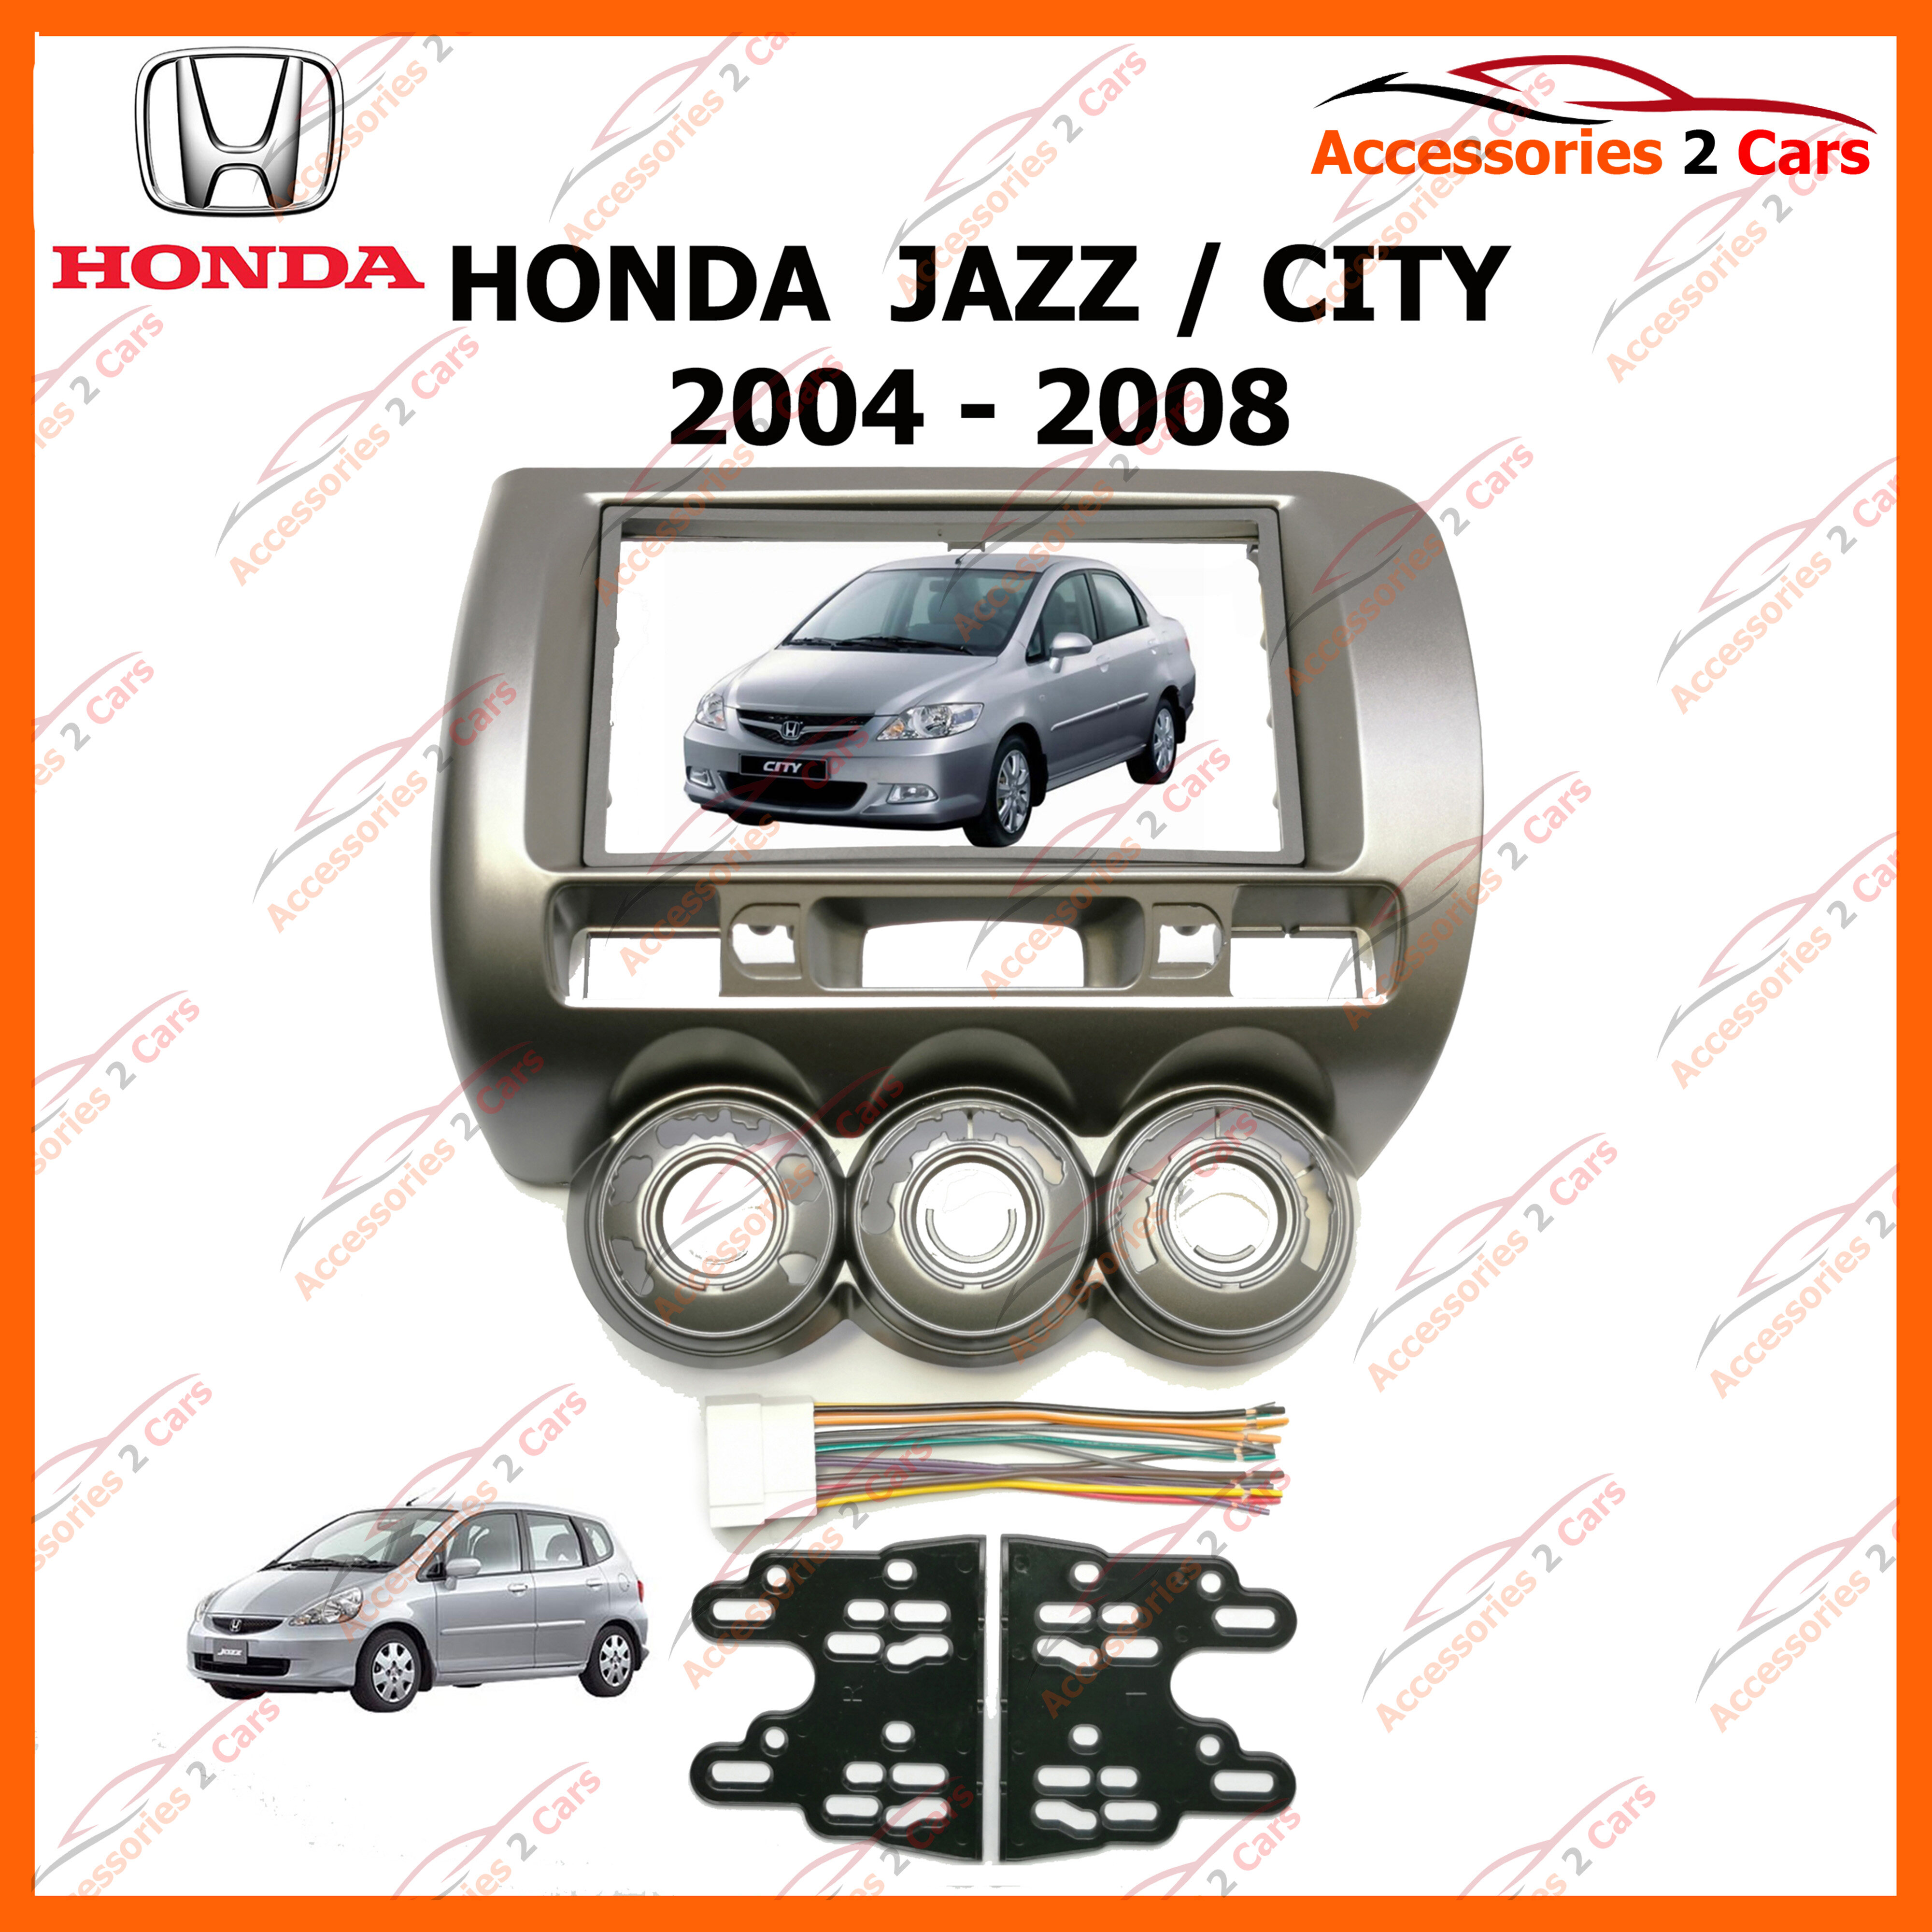 หน้ากากวิทยุรถยนต์ HONDA JAZZ / FIT / CITY RHD สำหรับจอ 7 นิ้ว(NV-HO-031)